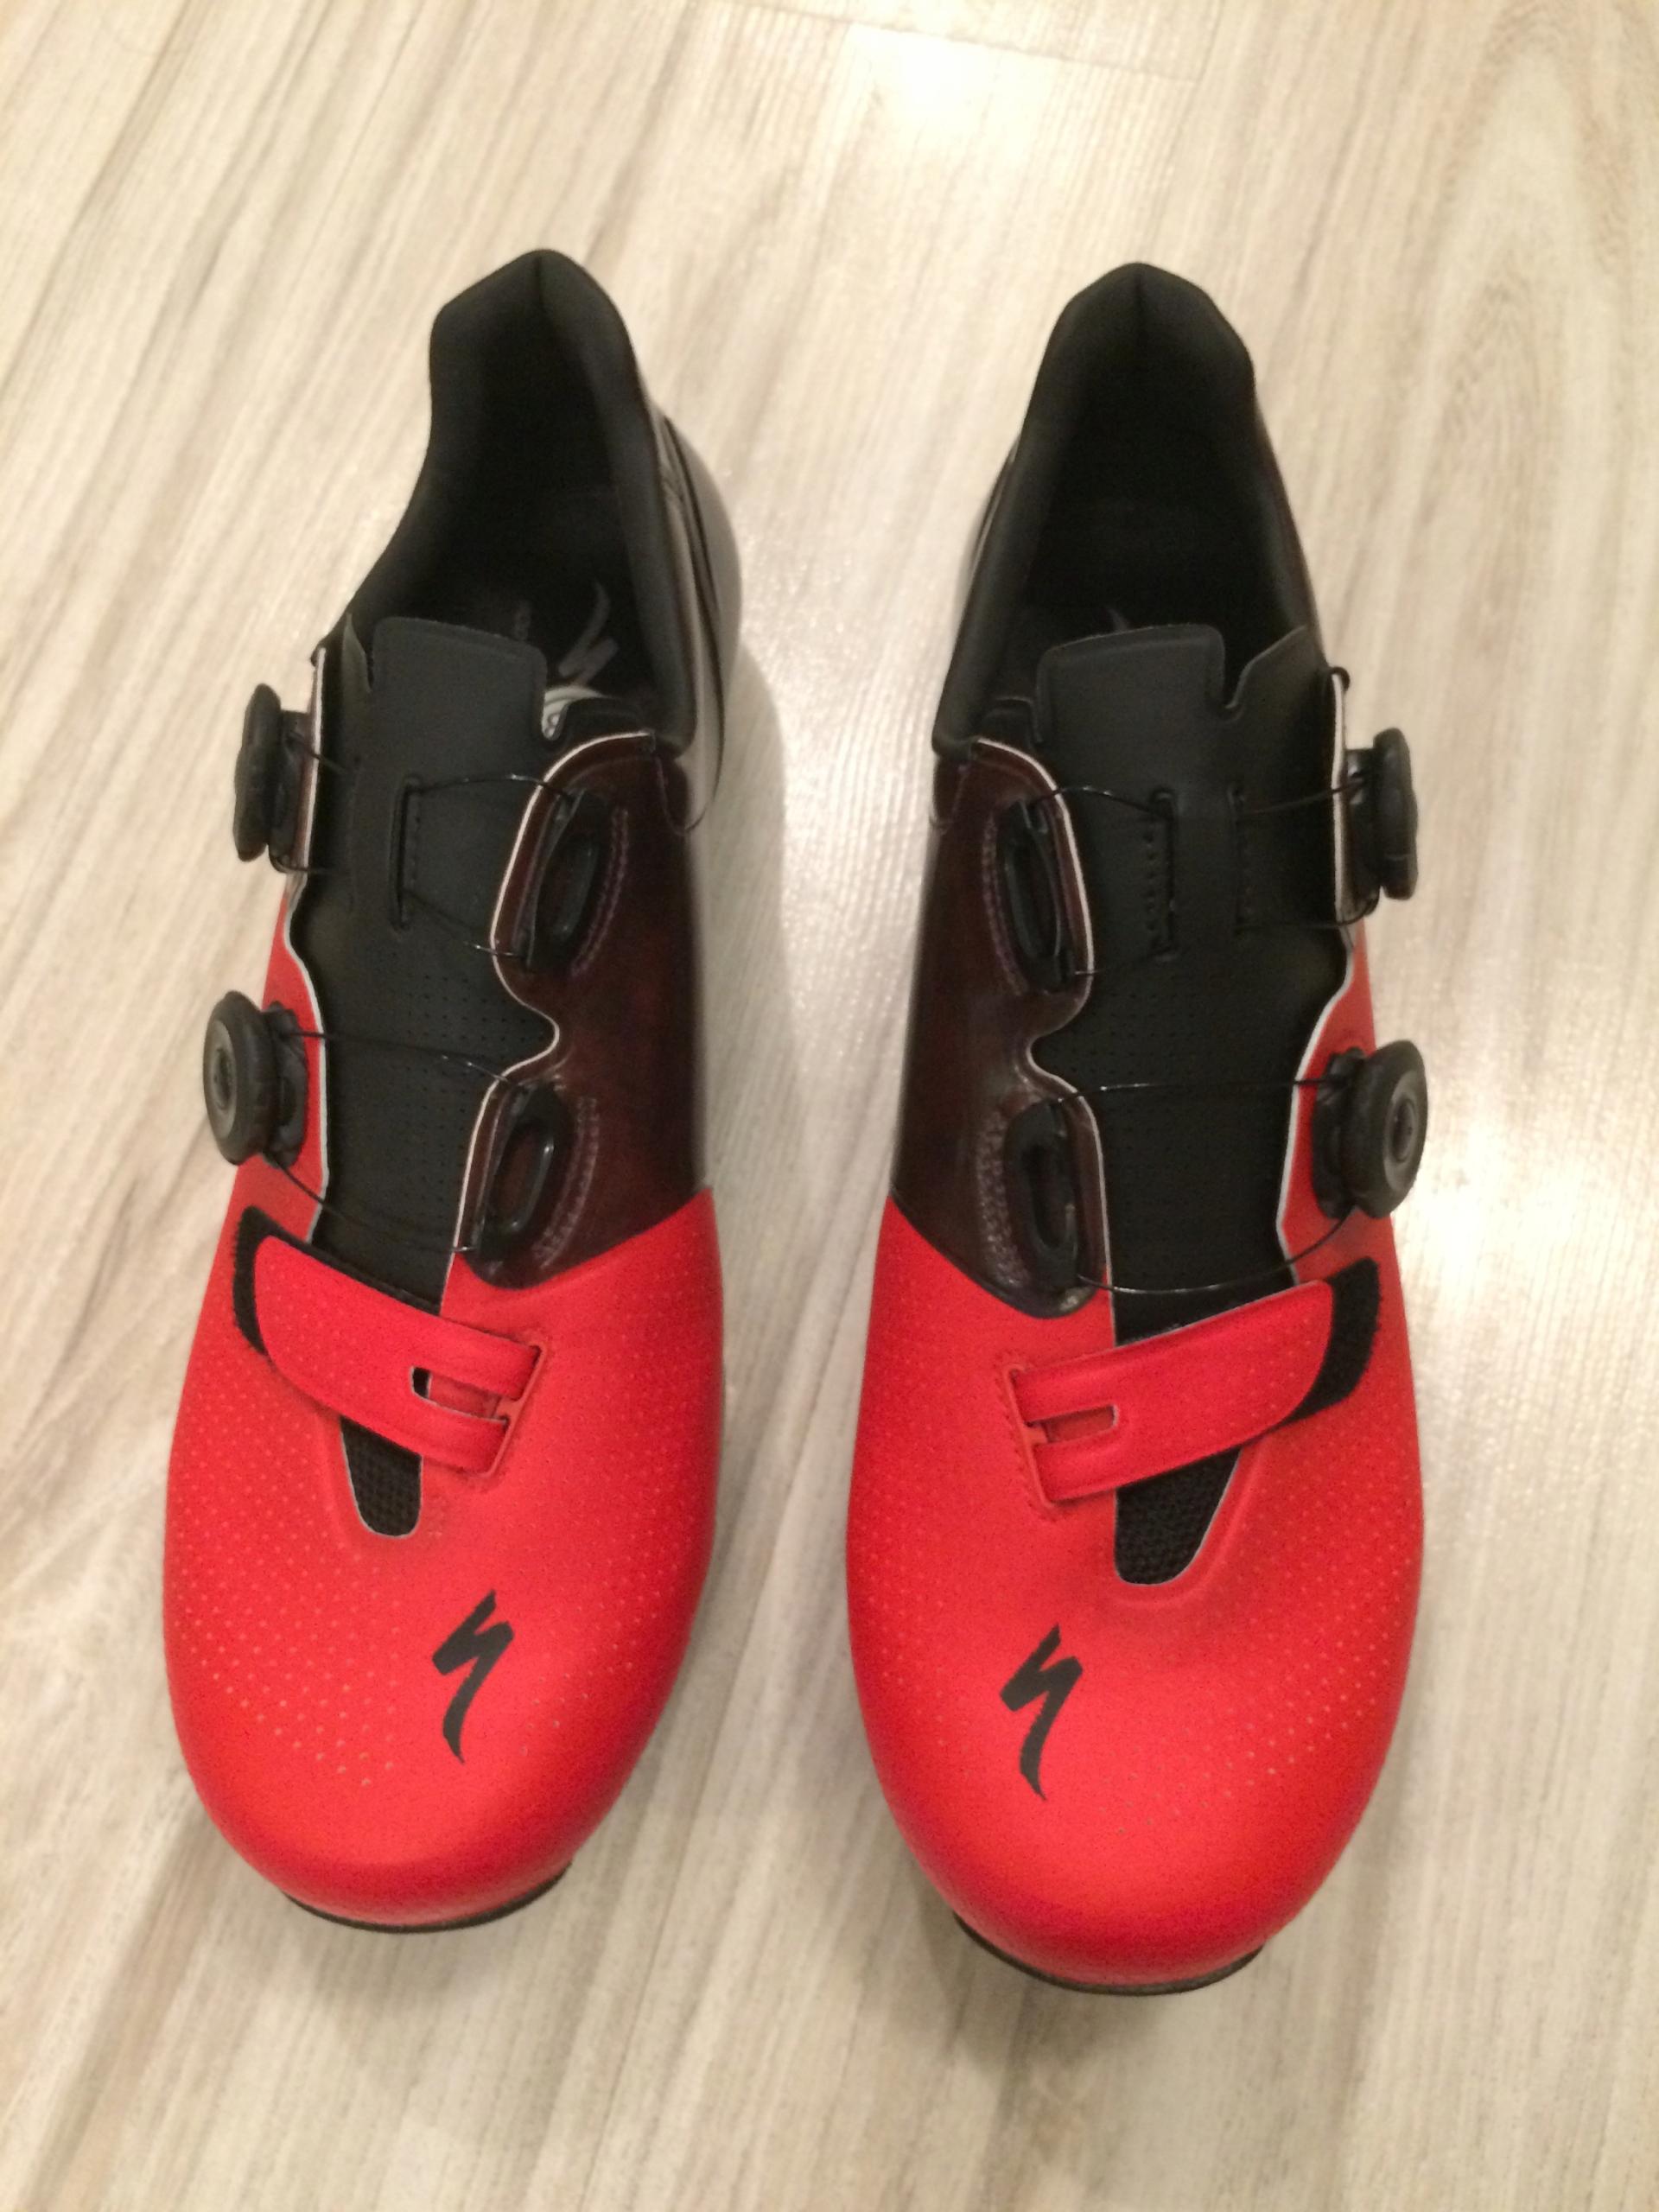 Nowe buty Specialized S-Works 6 XC rozmiar 43